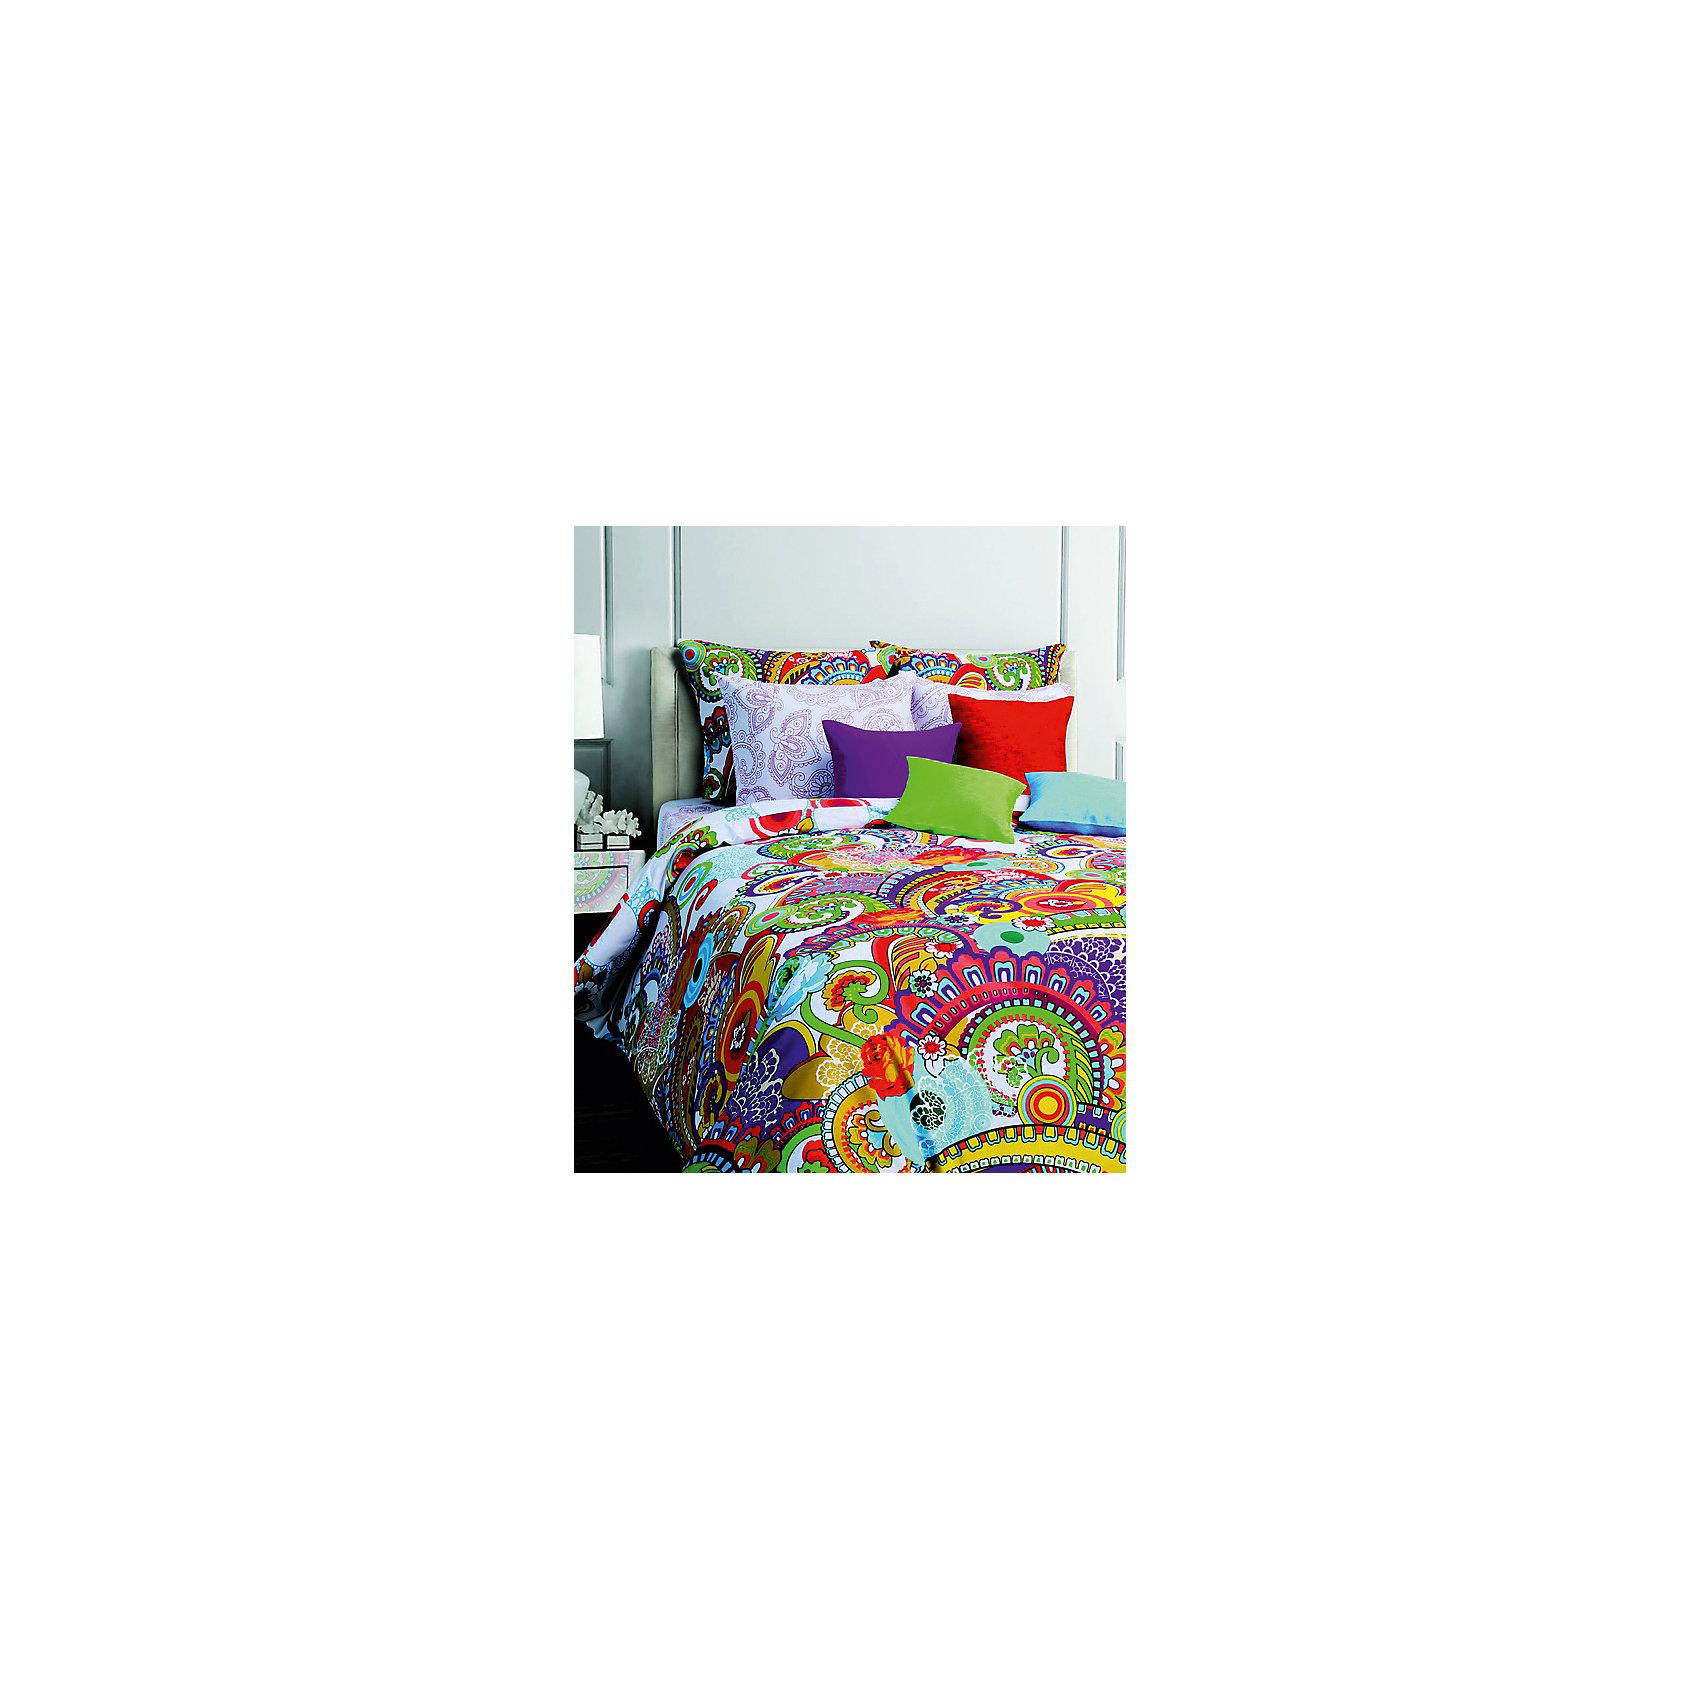 Мона Лиза Постельное белье Samui, 1,5-спальный, 70*70, Mona Liza мона лиза 2 спальное наволочка 50х70 samui